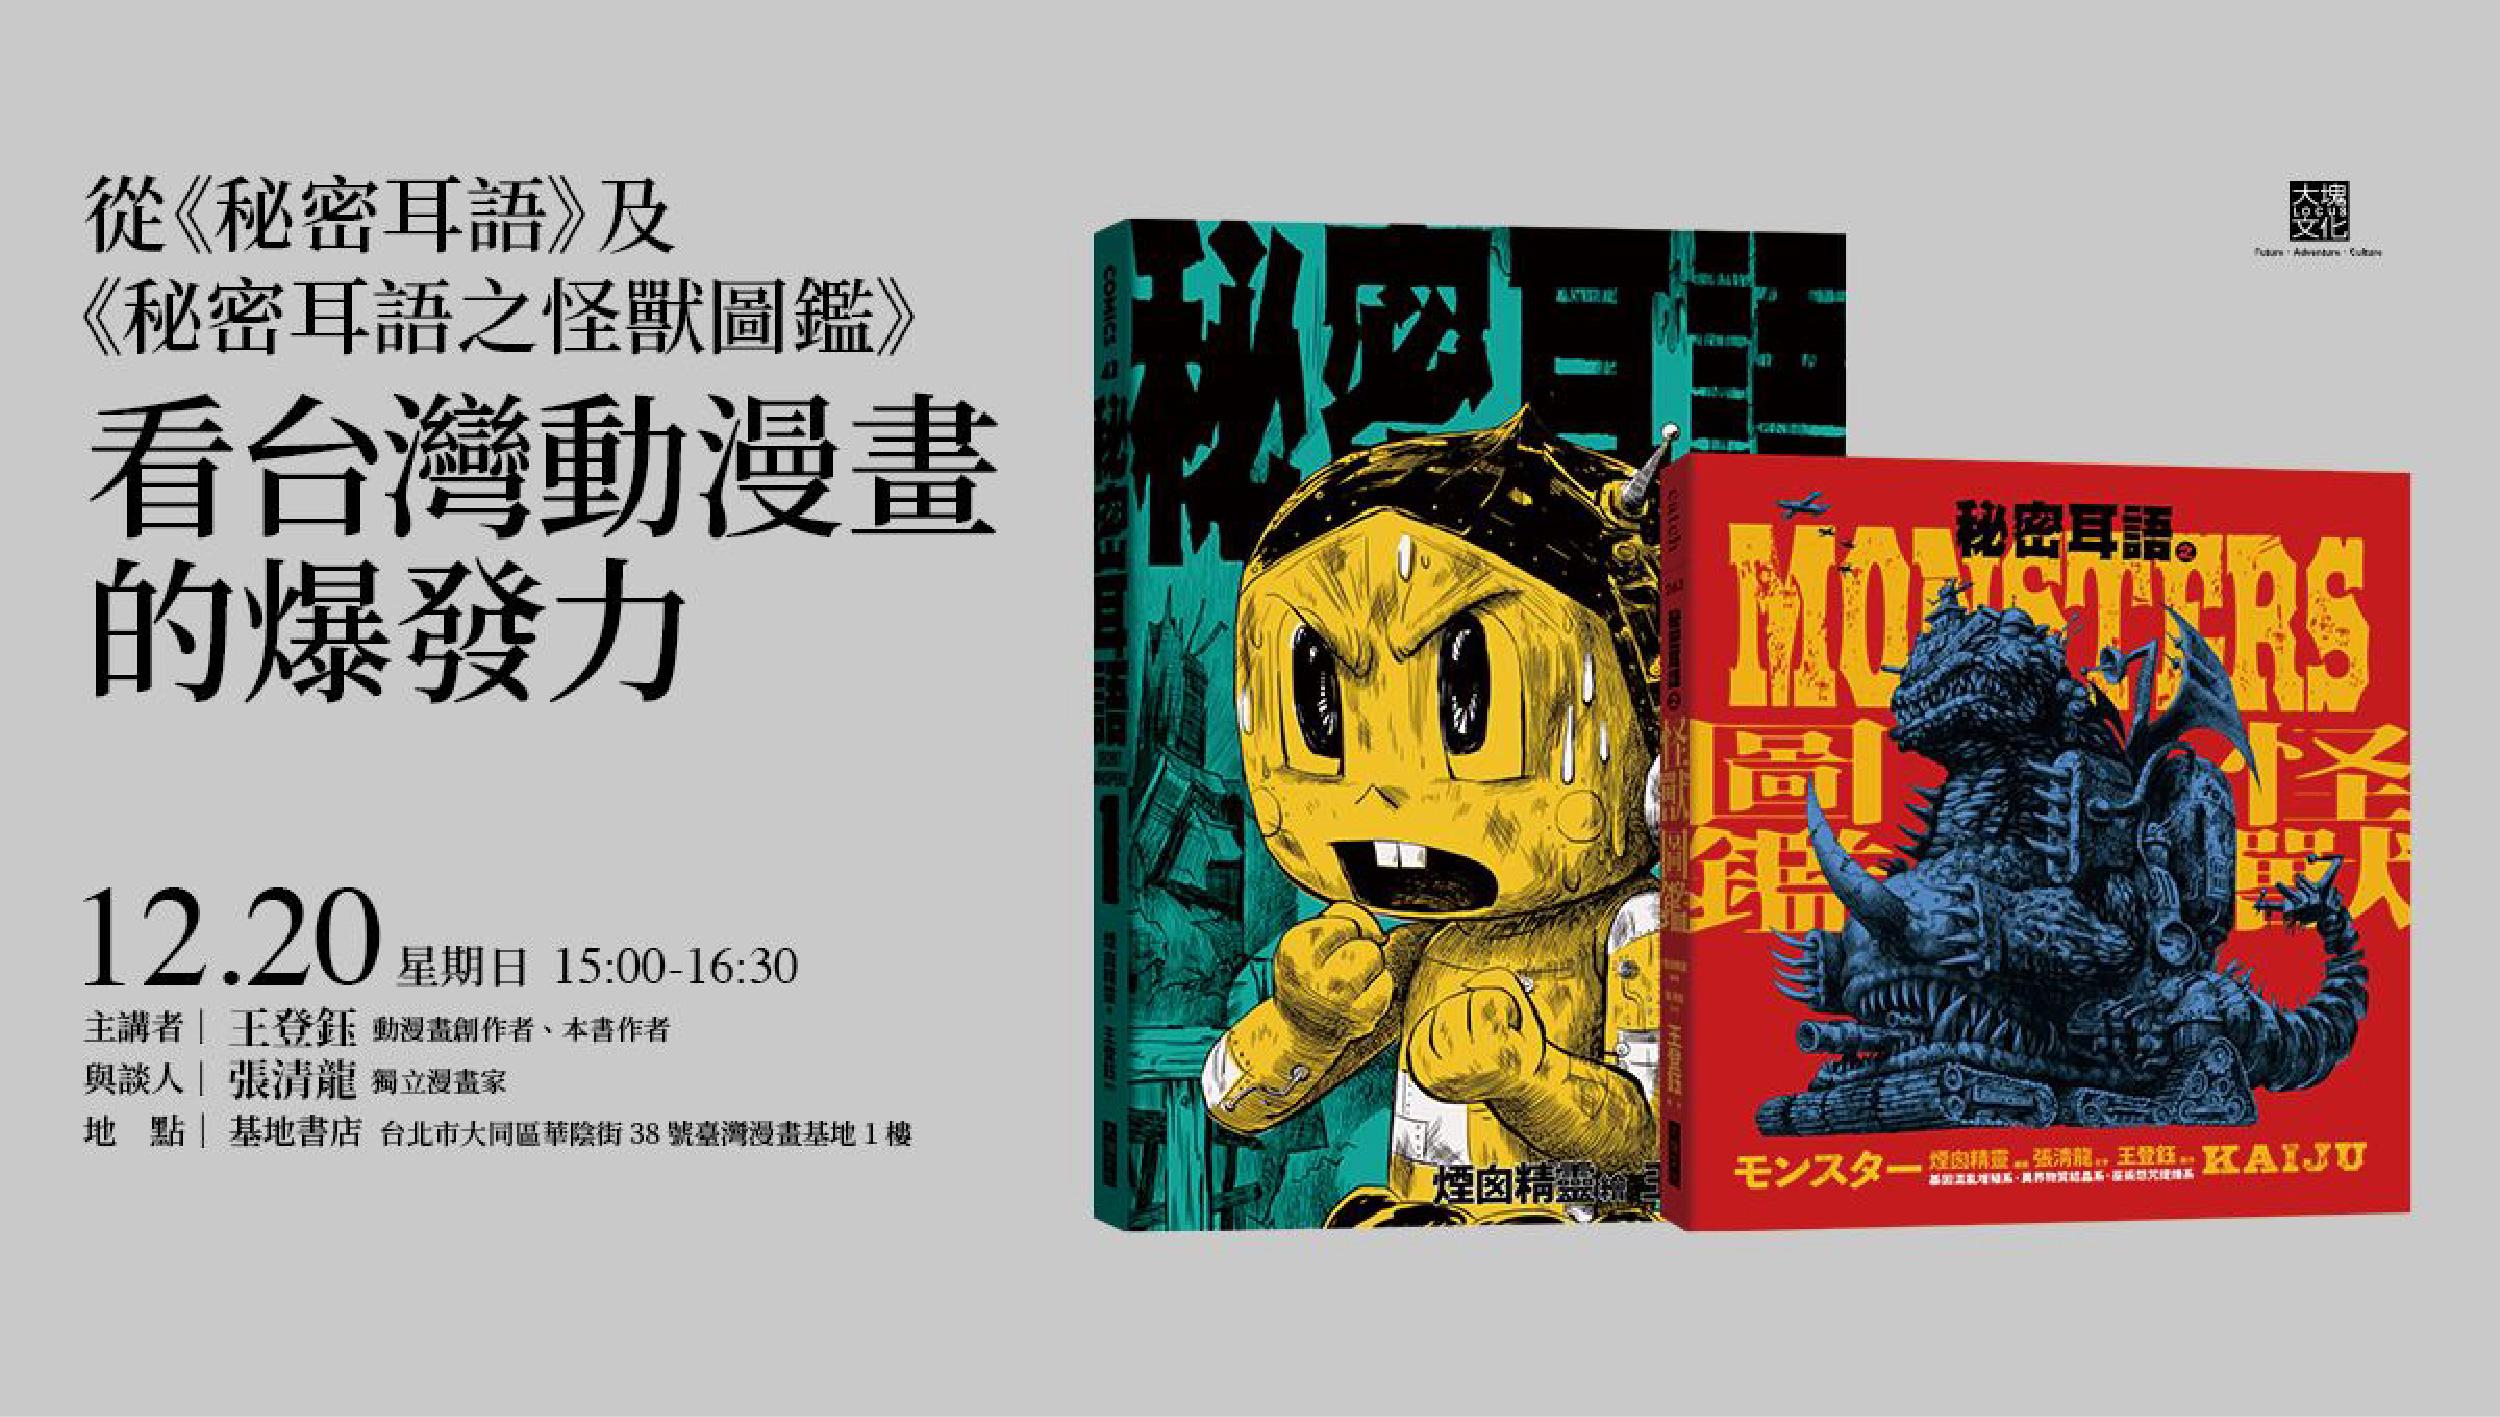 從《秘密耳語》及《秘密耳語之怪獸圖鑑》看台灣動漫畫的爆發力